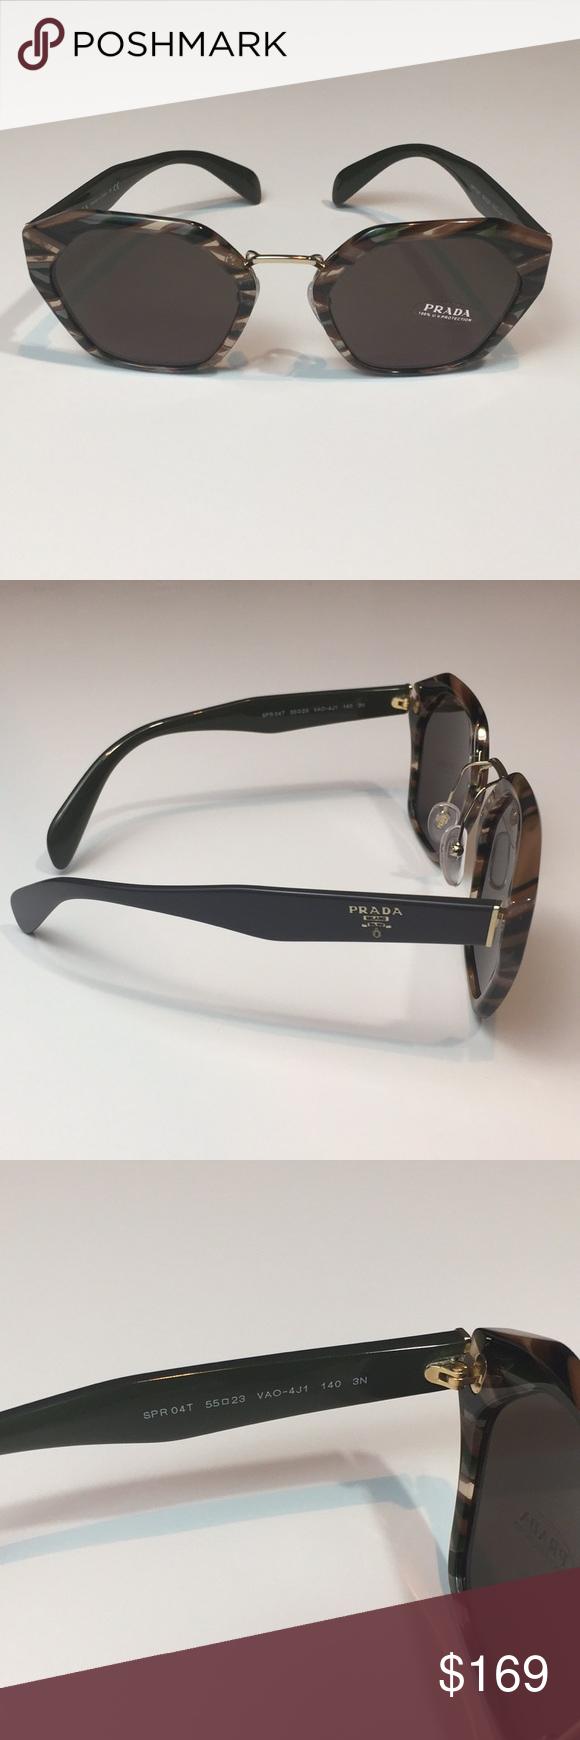 c150991c9f32 Gorgeous! Authentic Women s Prada Sunglasses Guaranteed Authentic Women s Prada  Sunglasses New Prada Sunglasses Women Gray Brown VAN-4J1 SPR04T 55mm ...